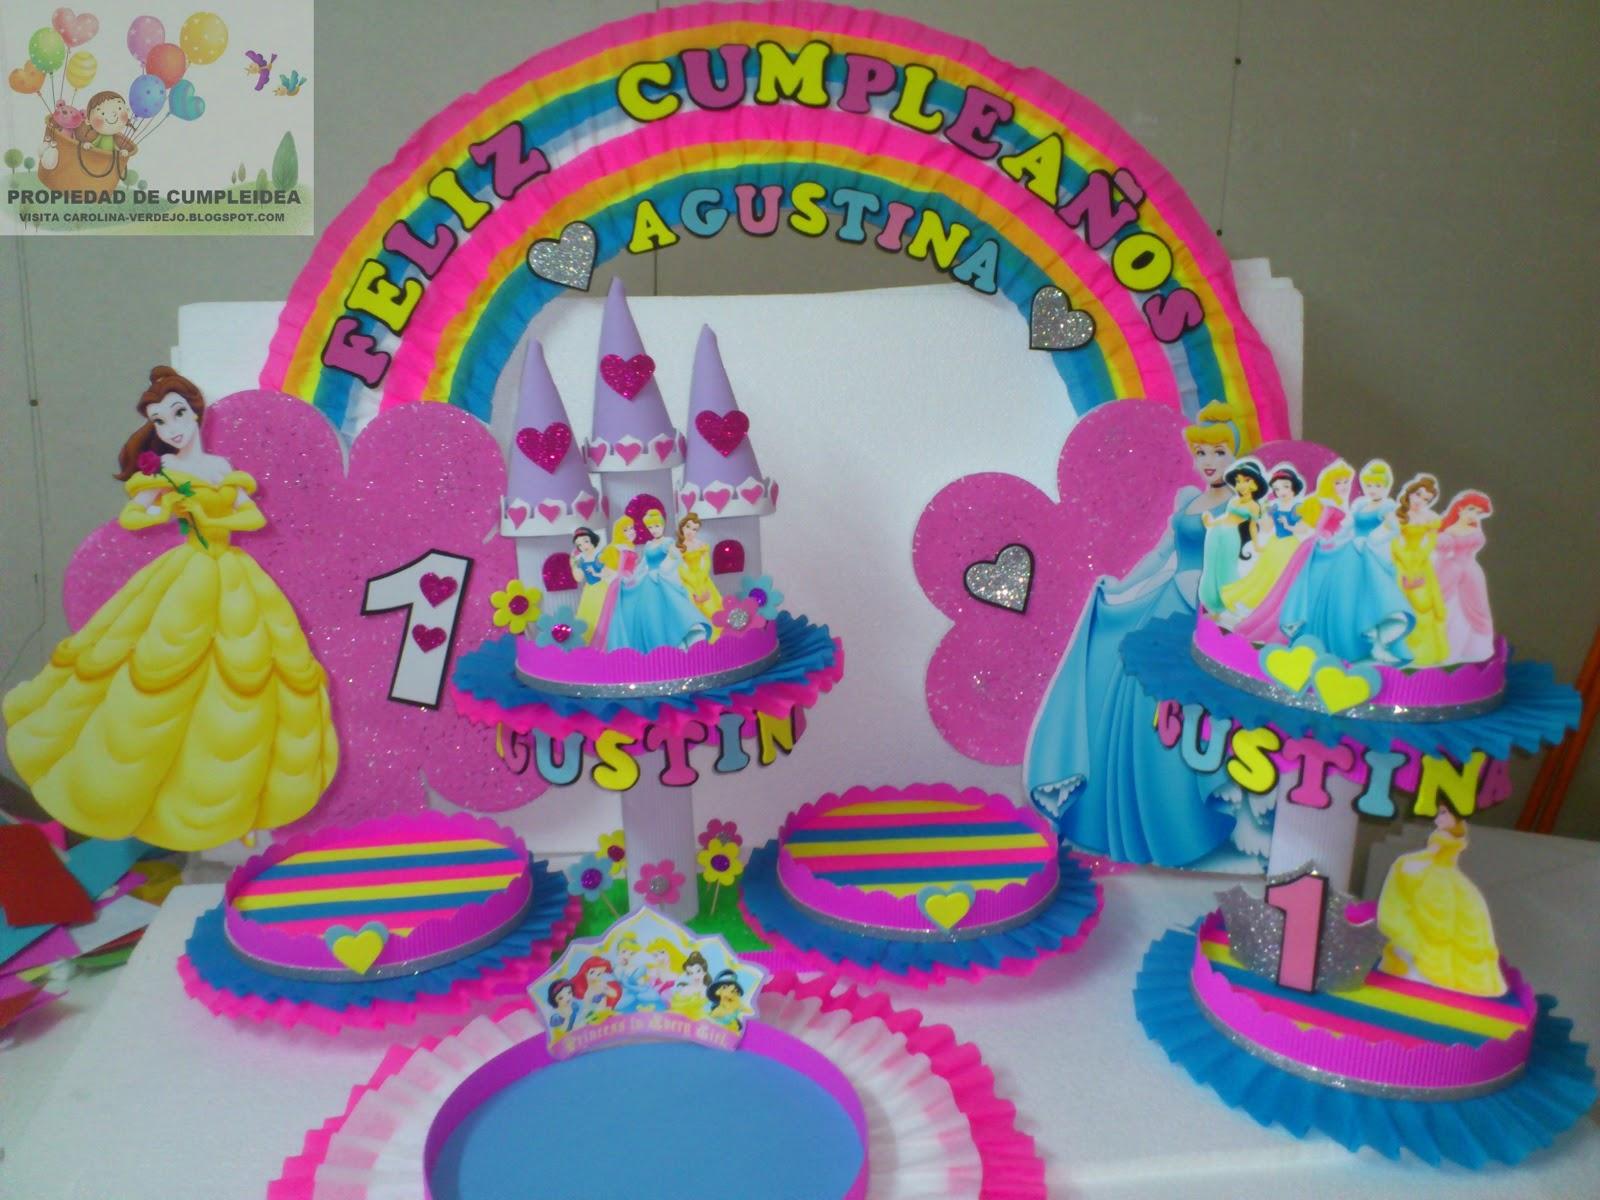 Decoraciones infantiles octubre 2012 - Fiestas infantiles princesas disney ...